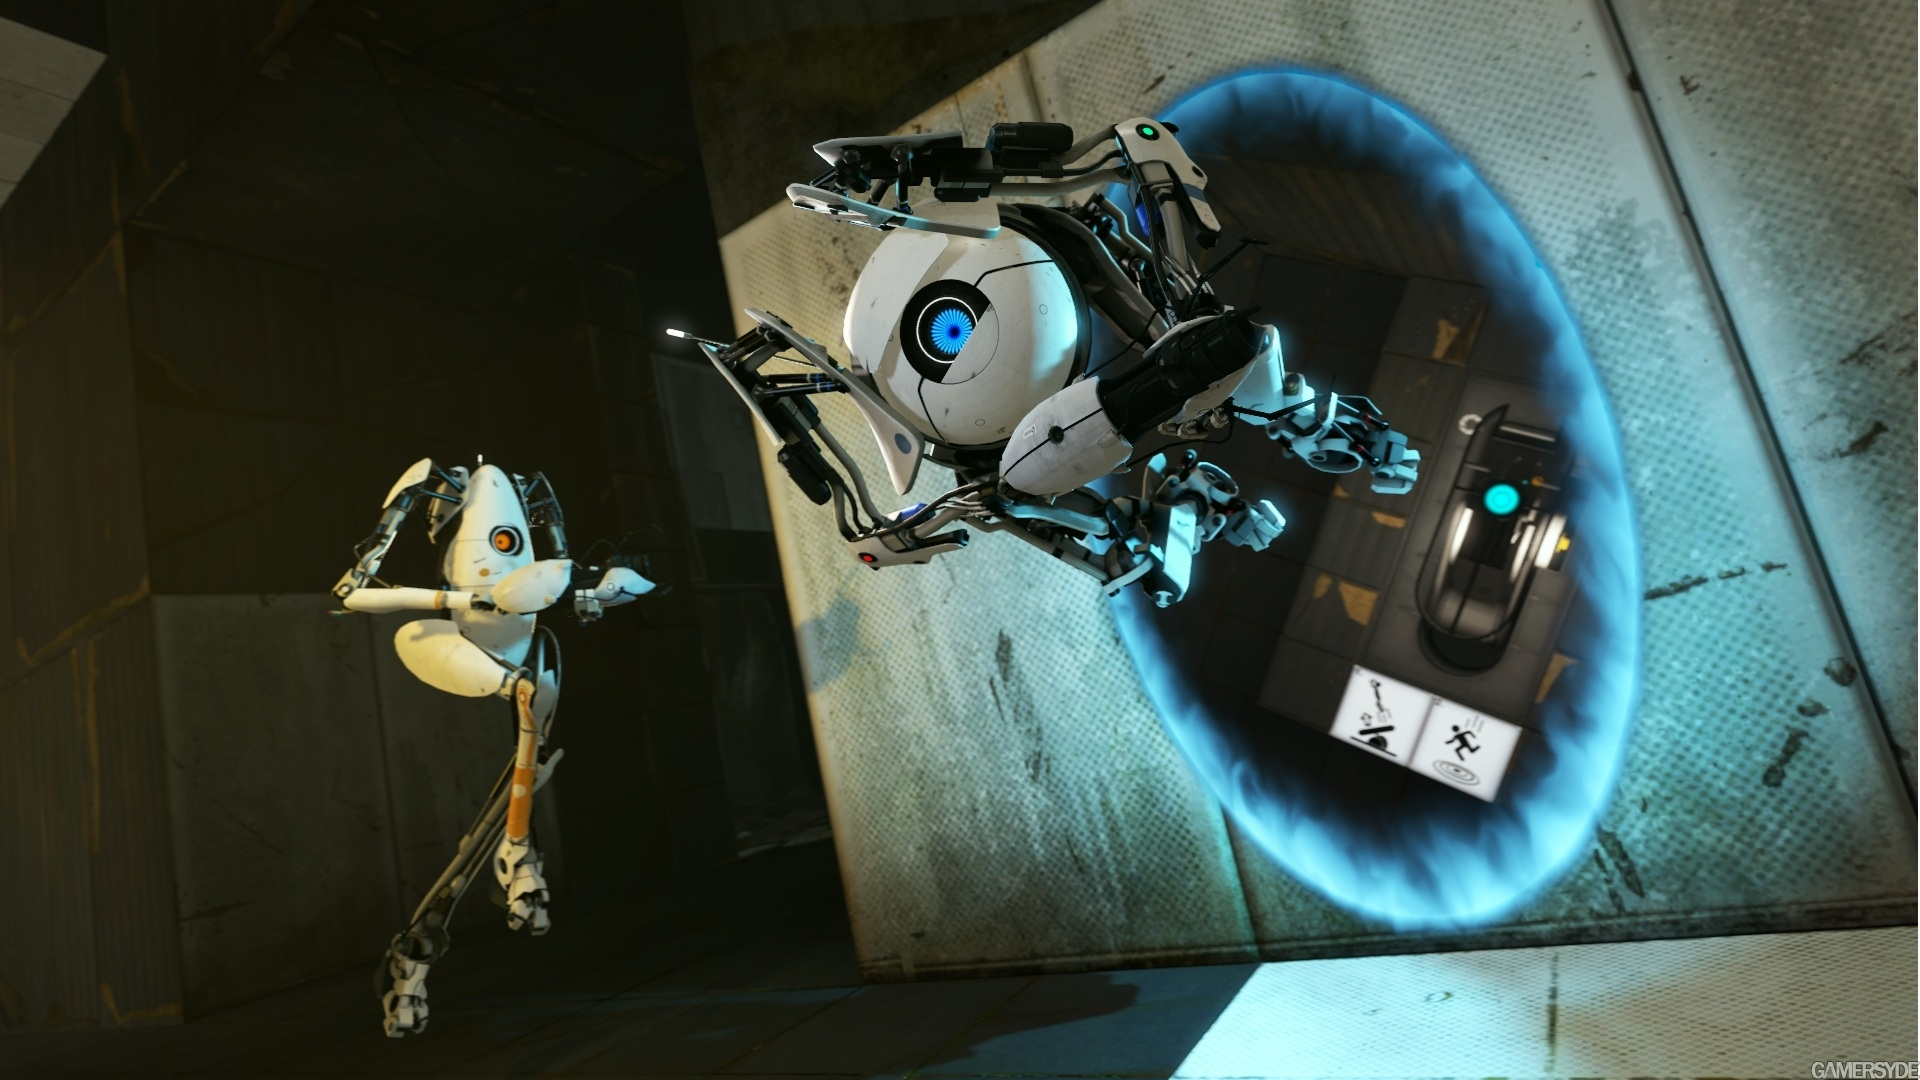 http://images.gamersyde.com/image_portal_2-14455-2070_0003.jpg